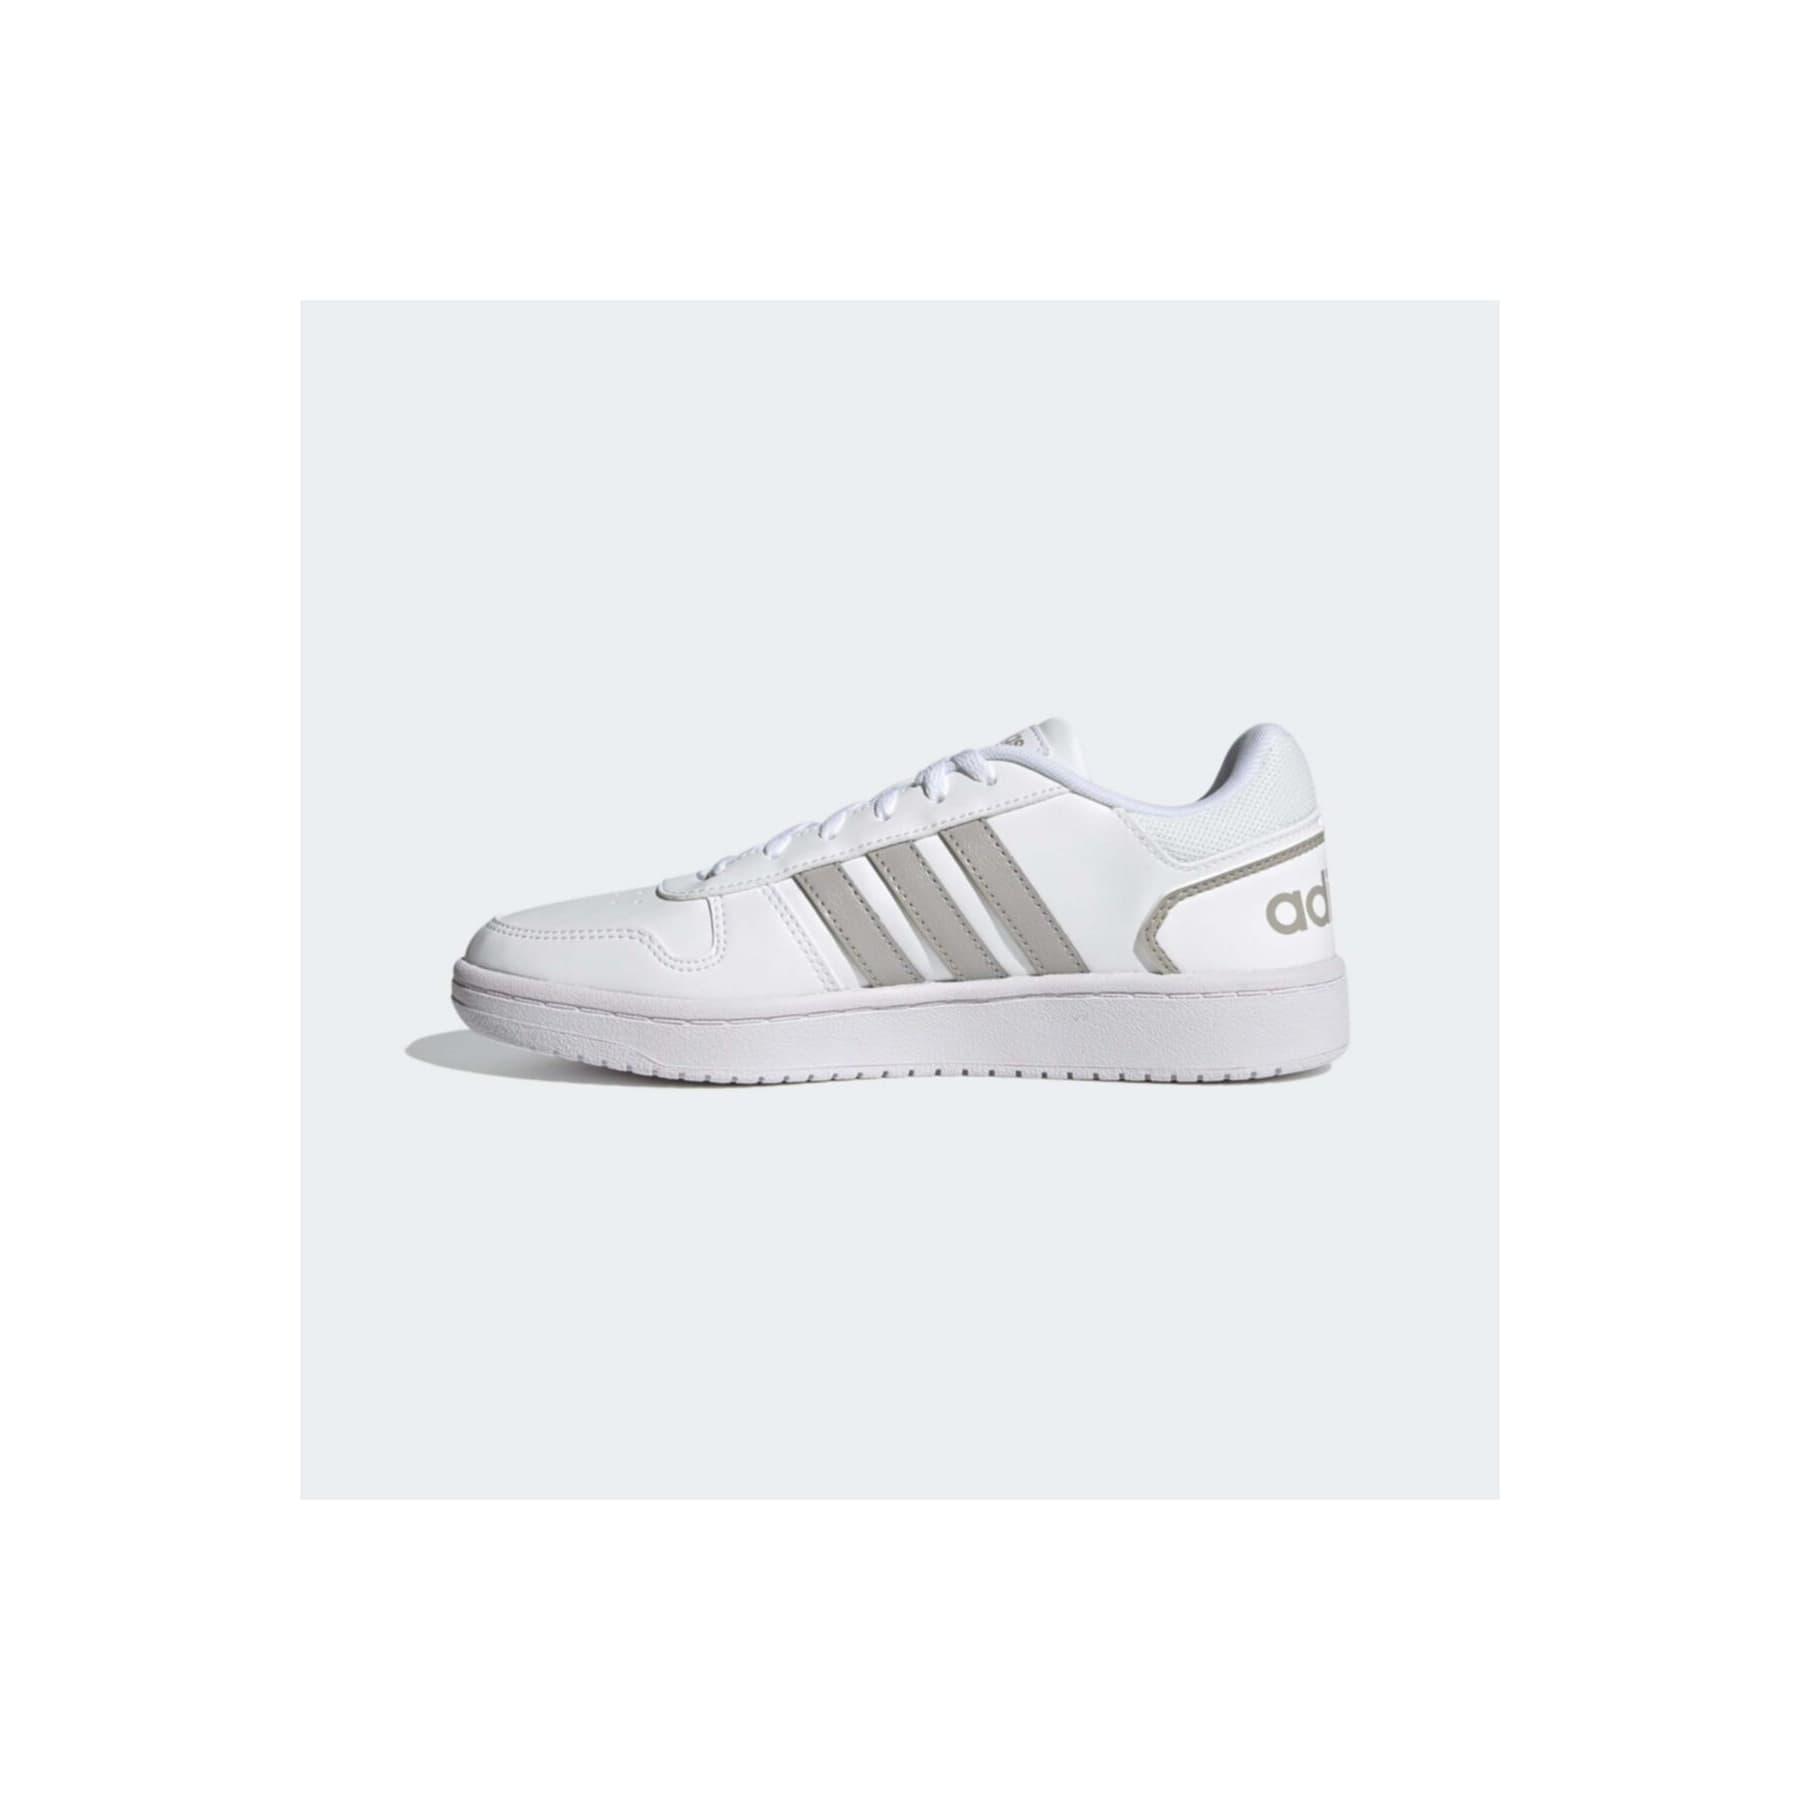 adidas Hoops 2.0 Kadın Beyaz Spor Ayakkabı (FZ2253)